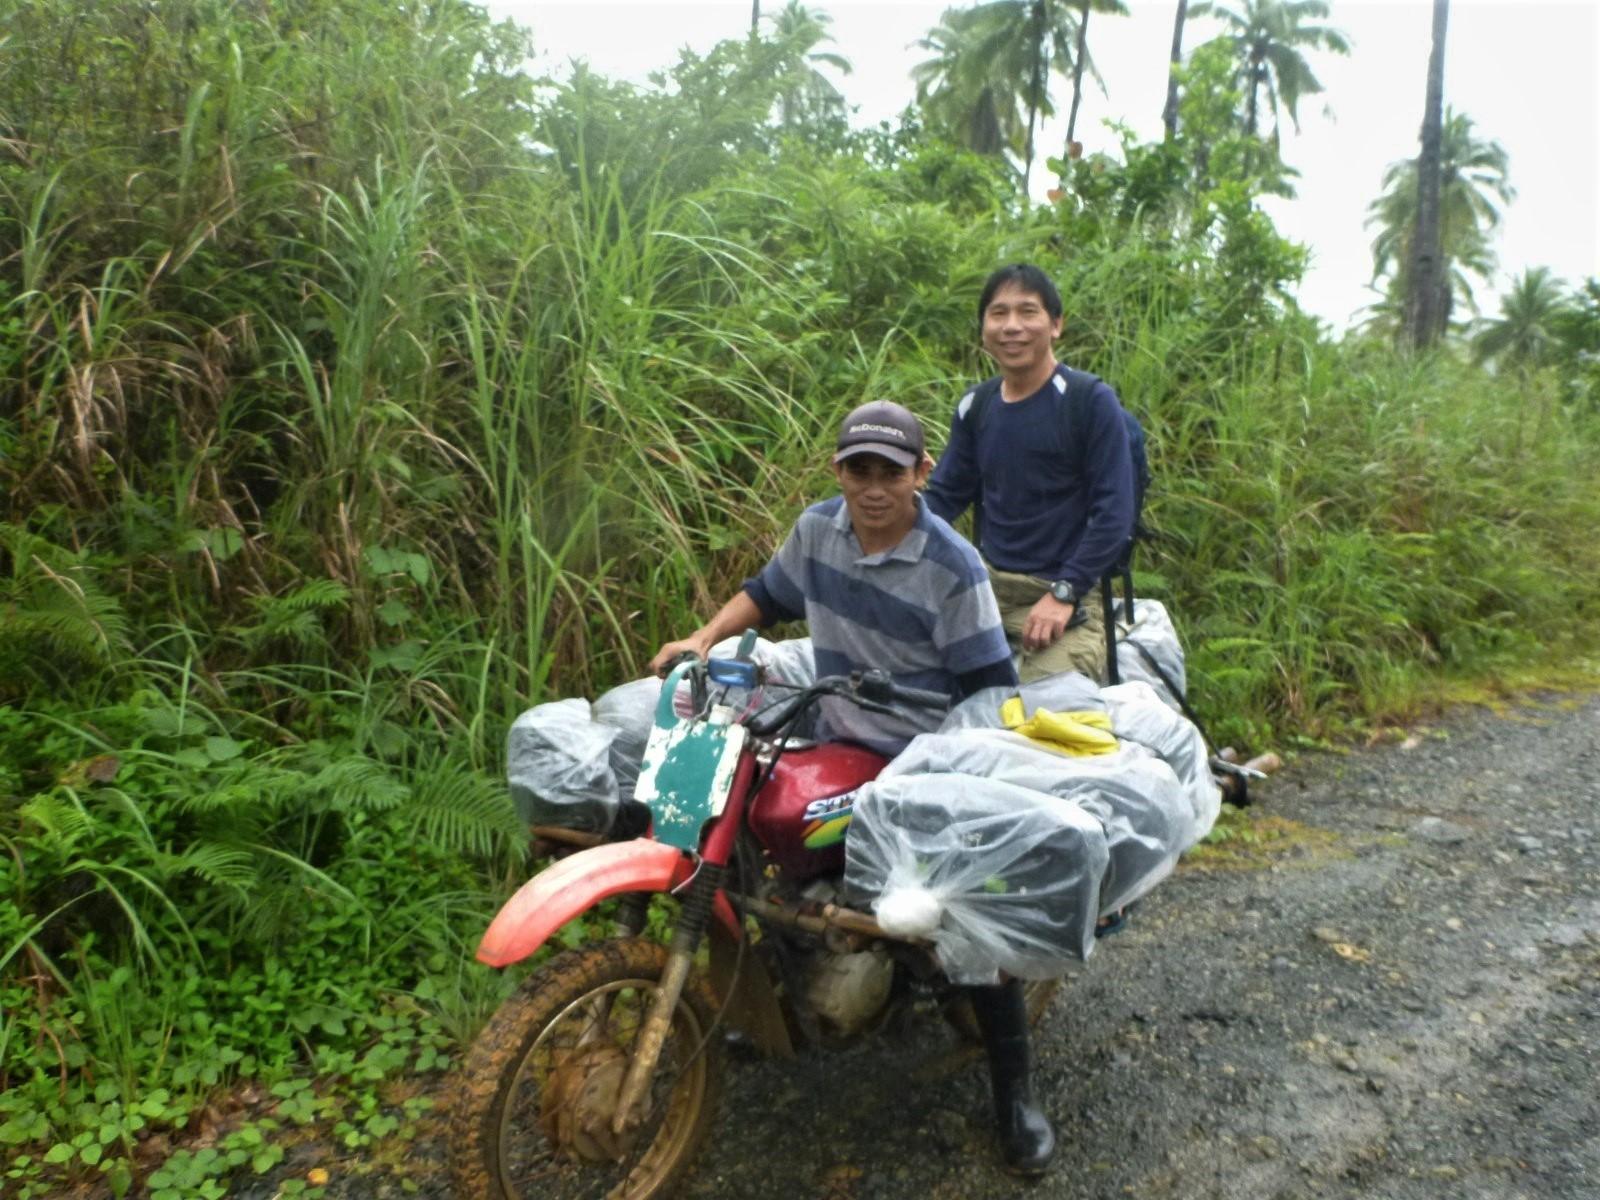 這位年輕人是村內唯一有交通工具的人,而且他的機車曾一次載過12個人。我原先坐在最後面的行李上。攝影:杜銘章